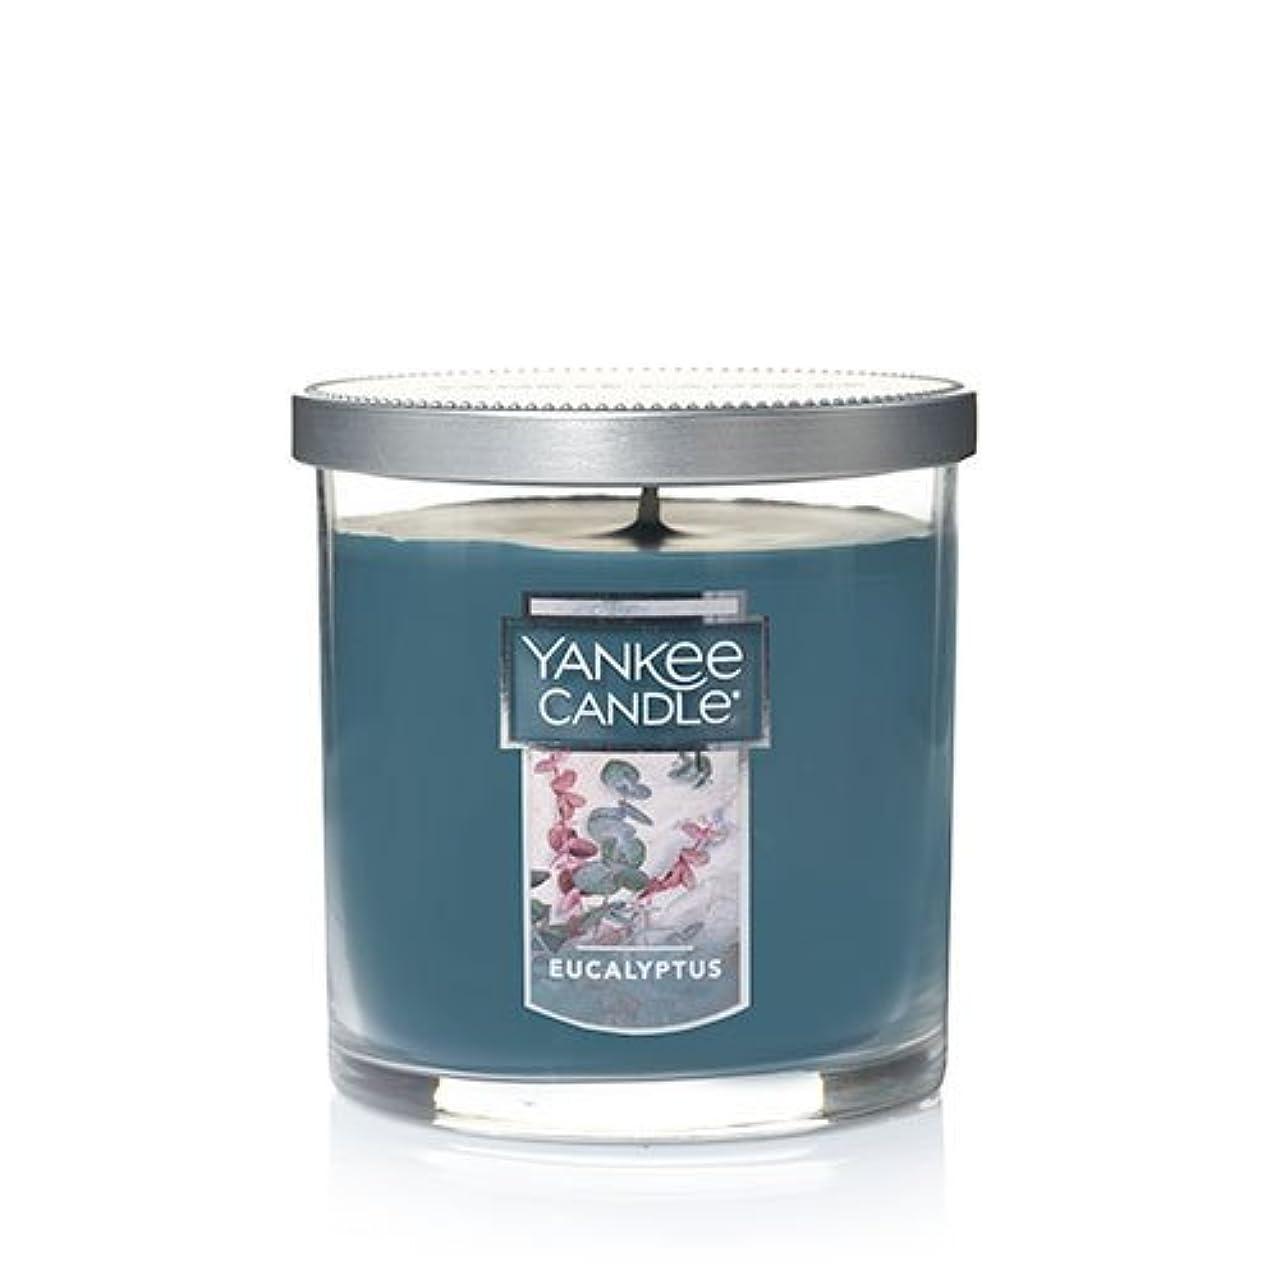 魔法信じられない年金Yankee Candleユーカリ、新鮮な香り Small Single Wick Tumbler Candle グリーン 1185969Z